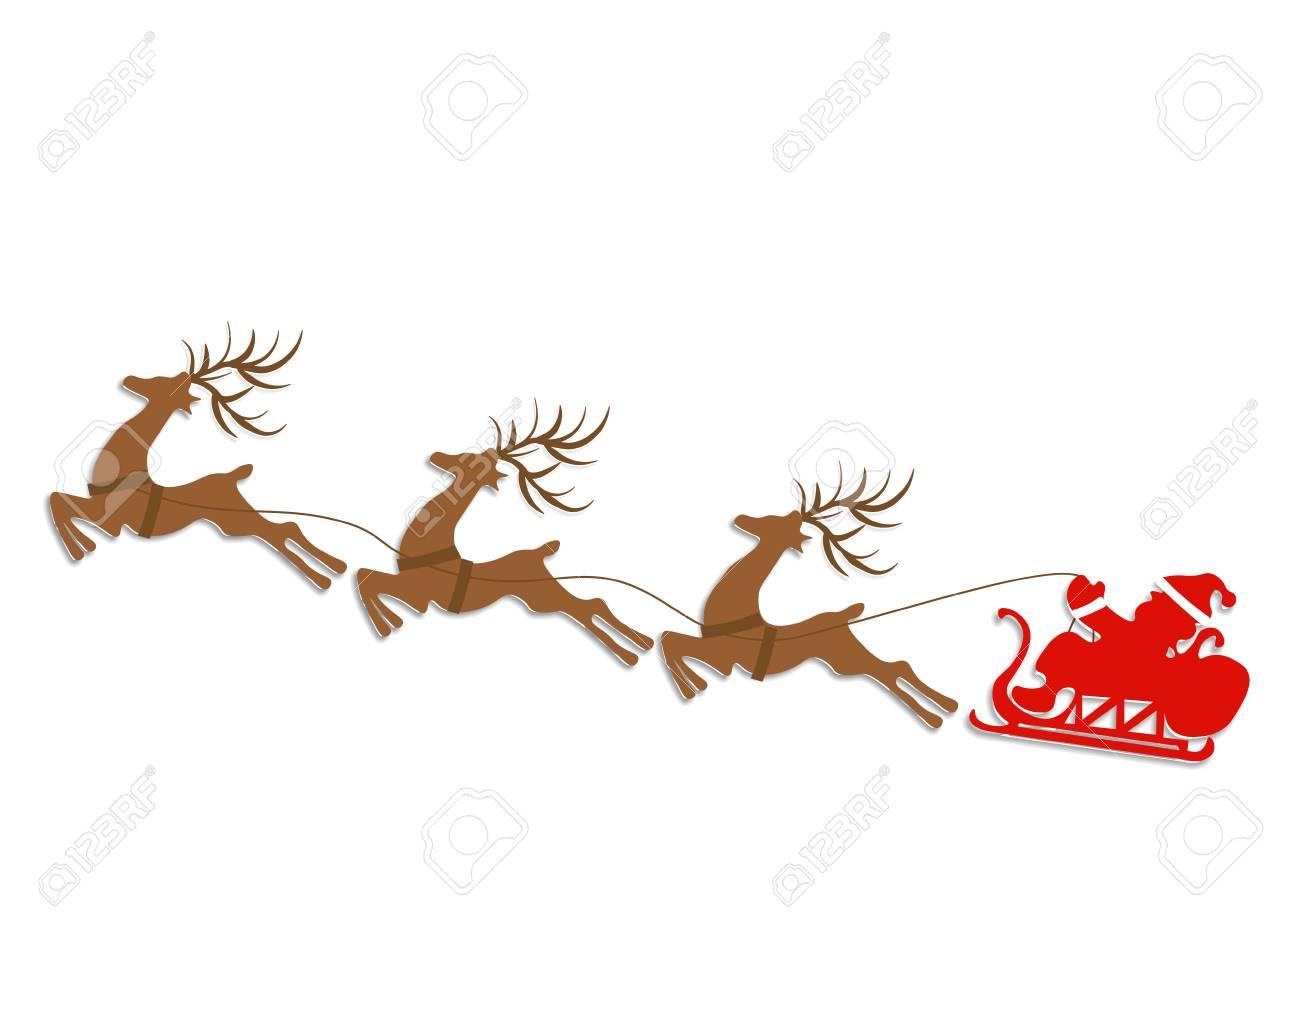 Nouvel An, Noël. Silhouettes Abstraites De Cerfs Et De Traîneau Du Père  Noël. Découper Du Papier. Illustration à Pere Noel A Decouper